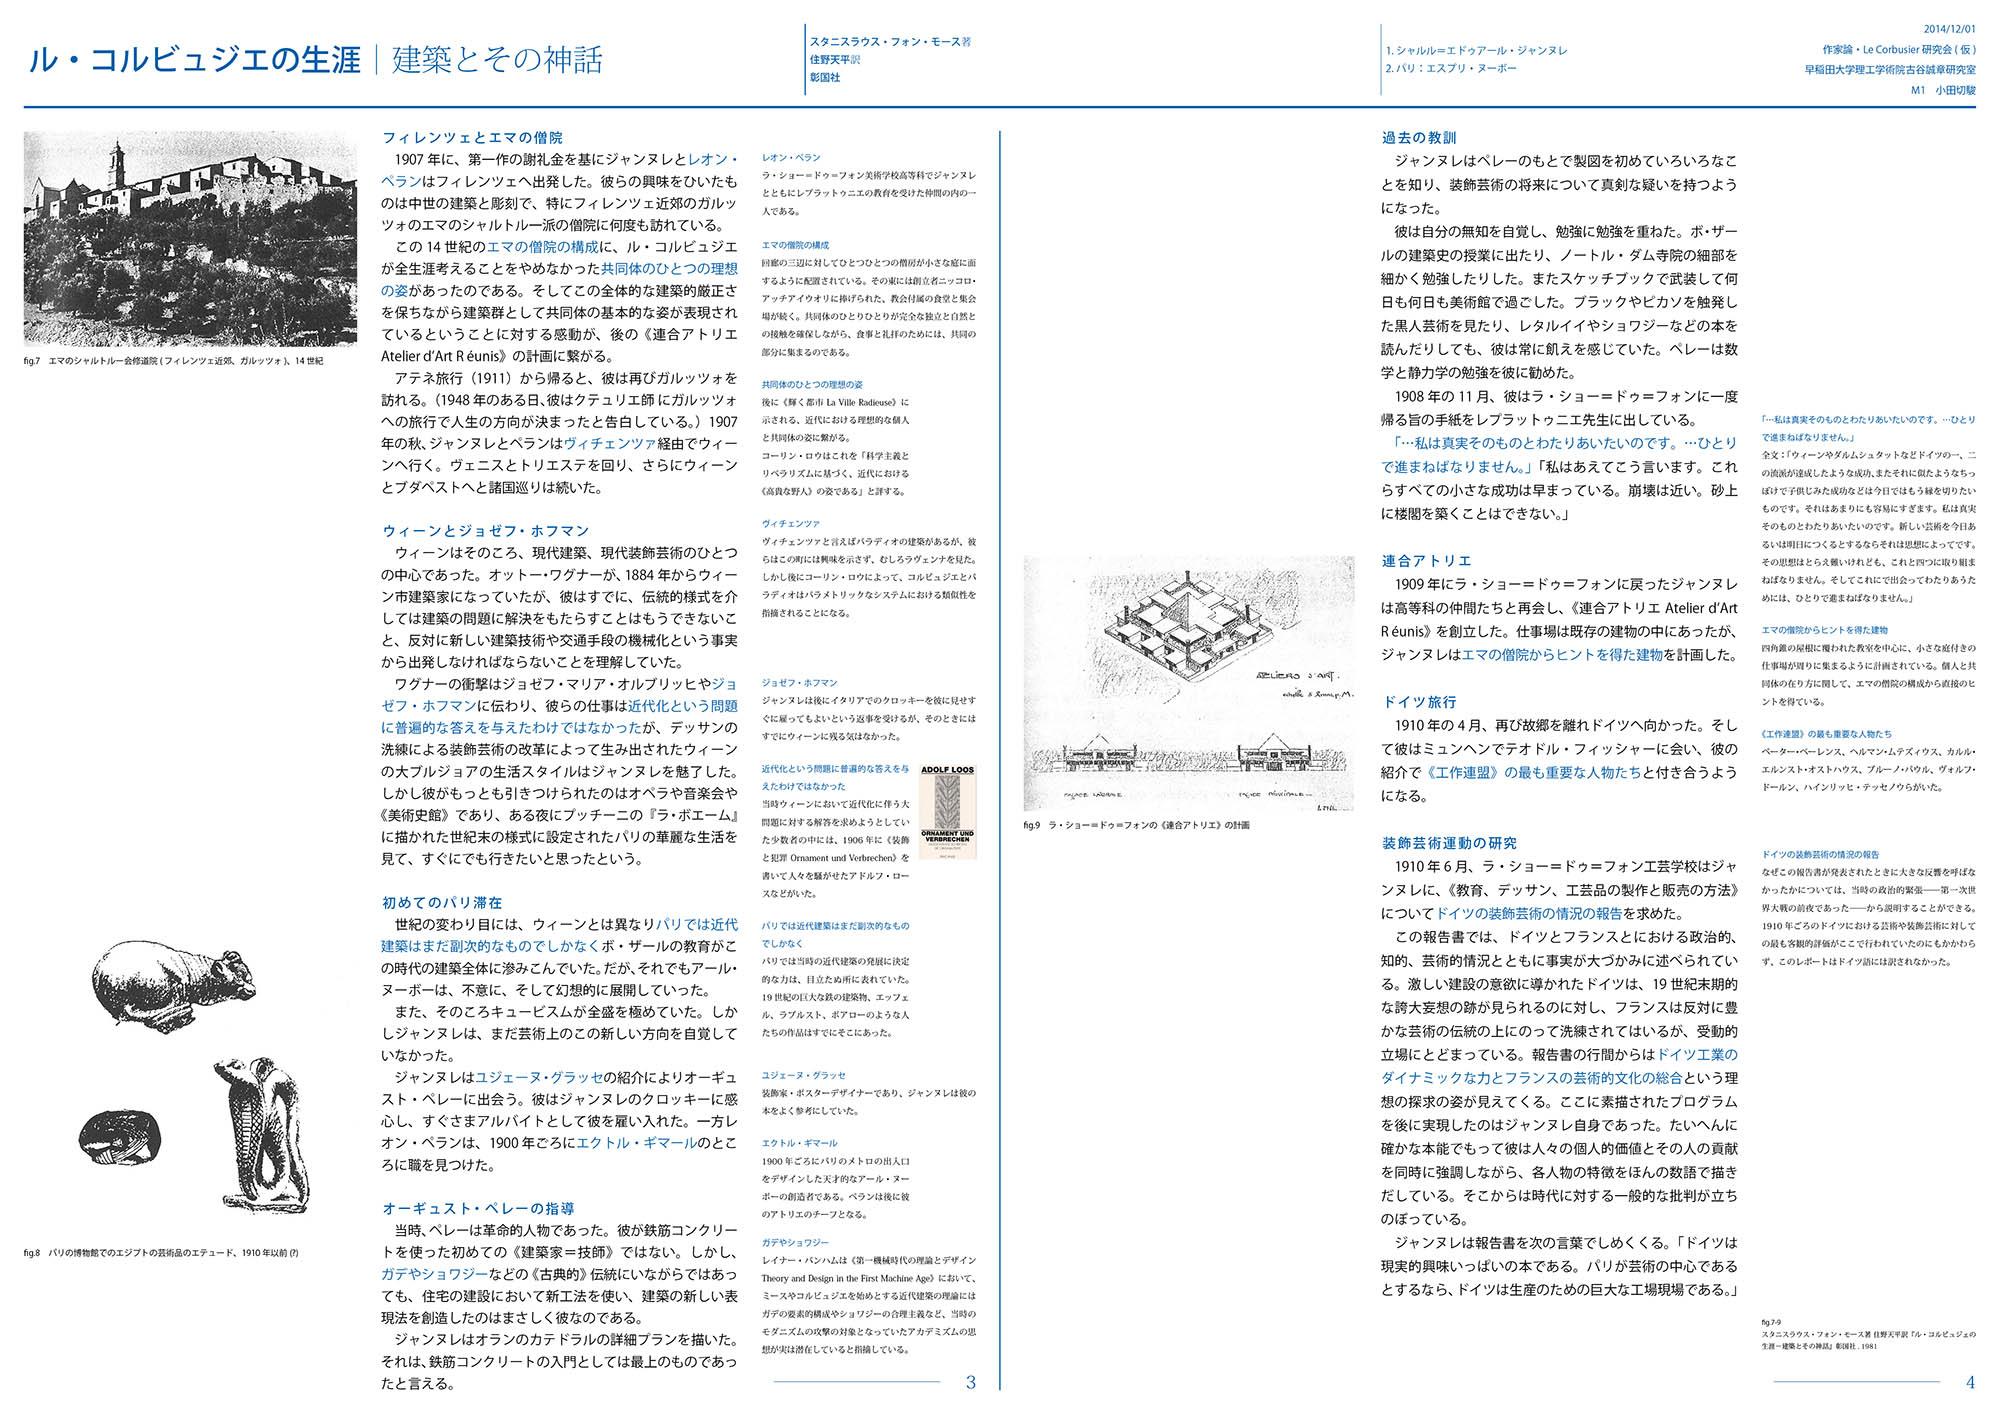 20141211-20141201_1_odagiri2.jpg